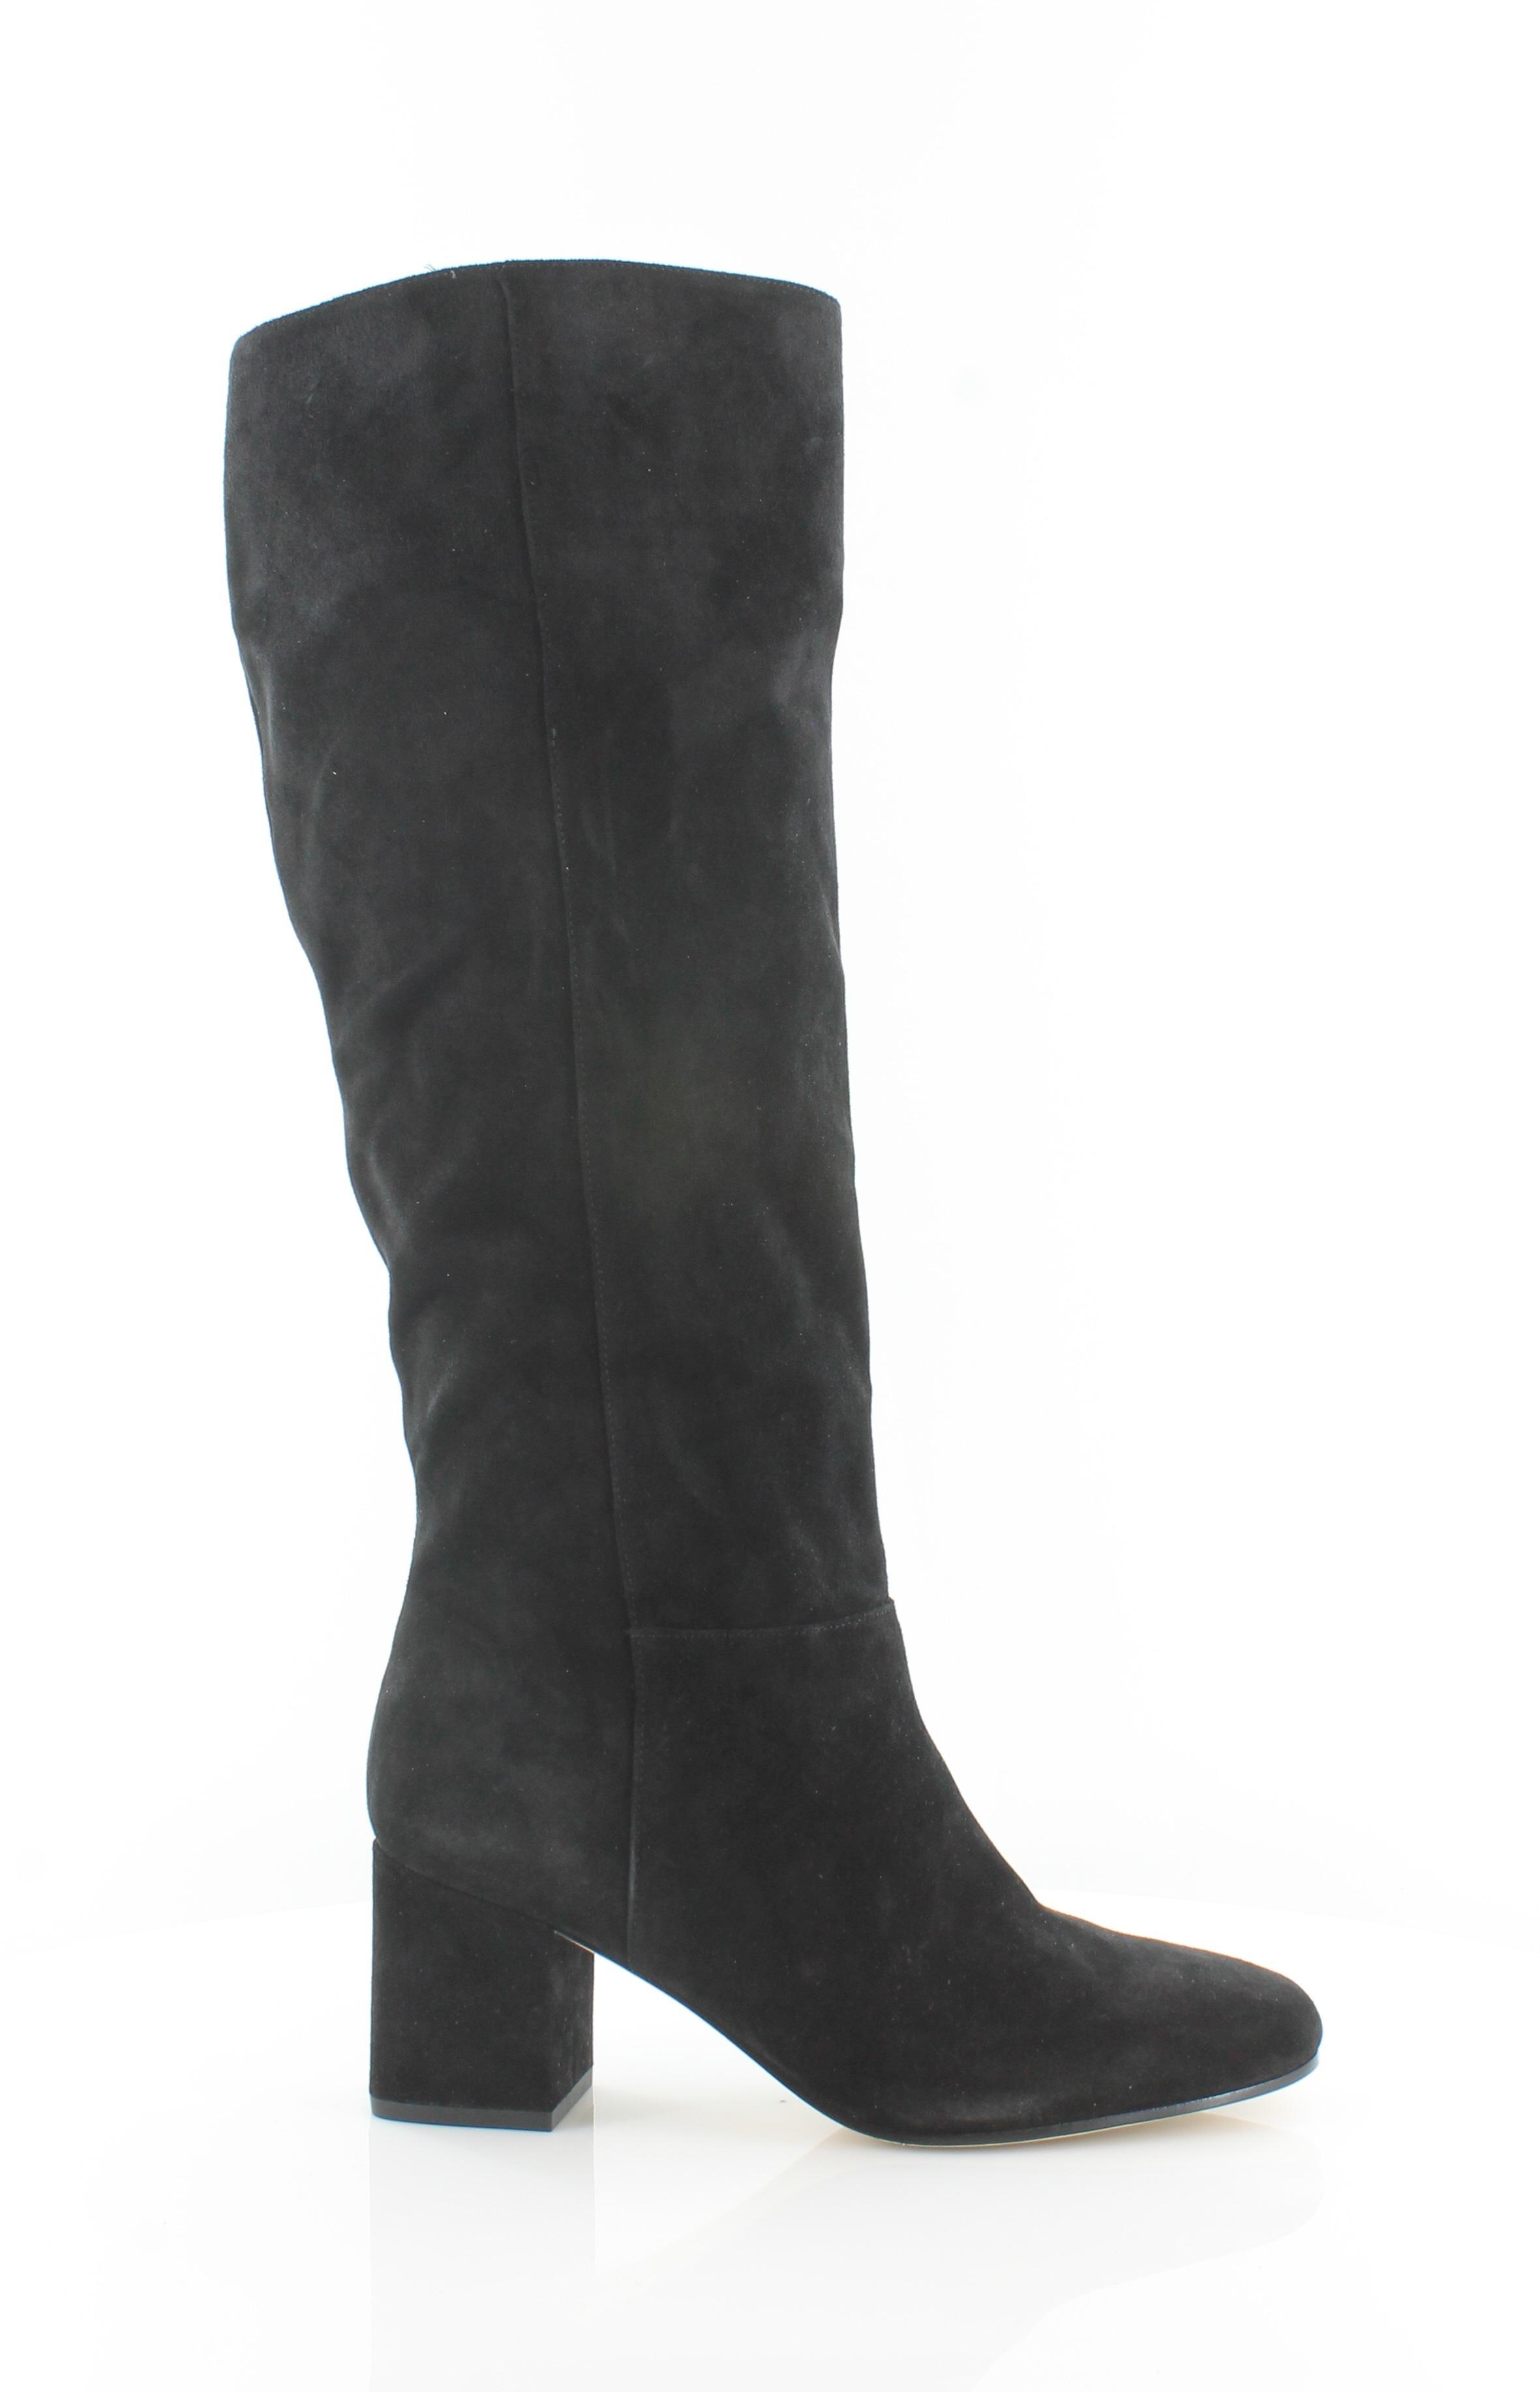 Via Spiga Mellie Women's Boots Black Size 9.5 M